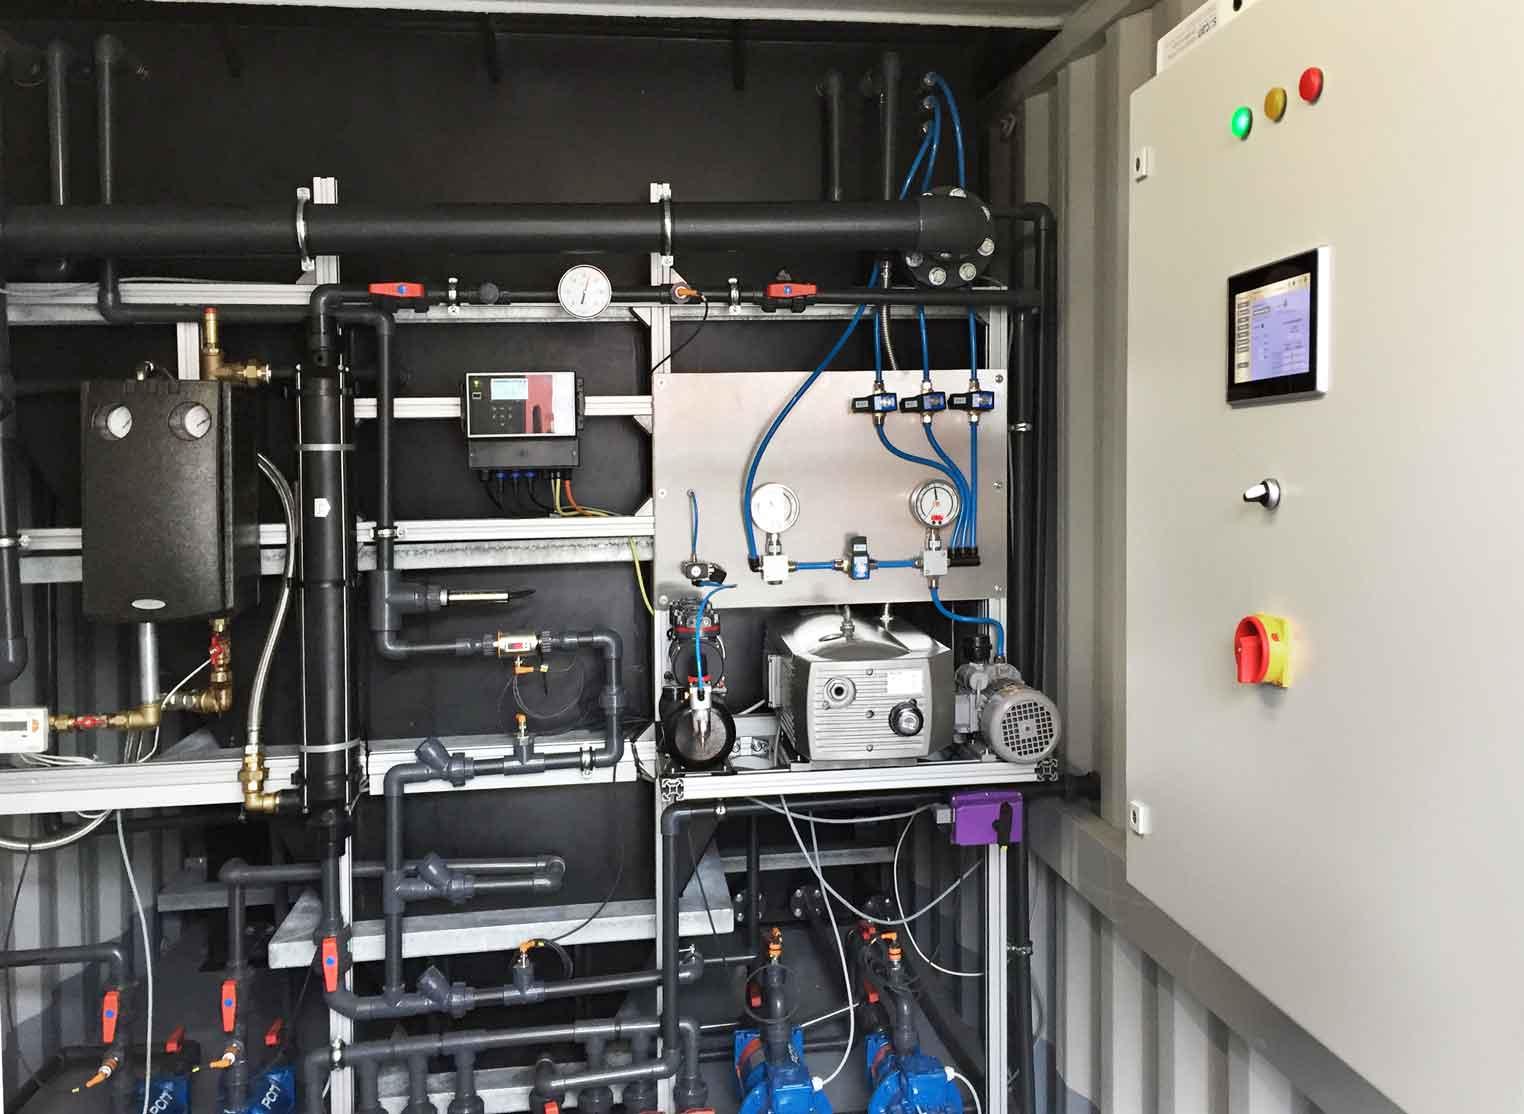 ein Technikraum von einer Containeranlage von innen